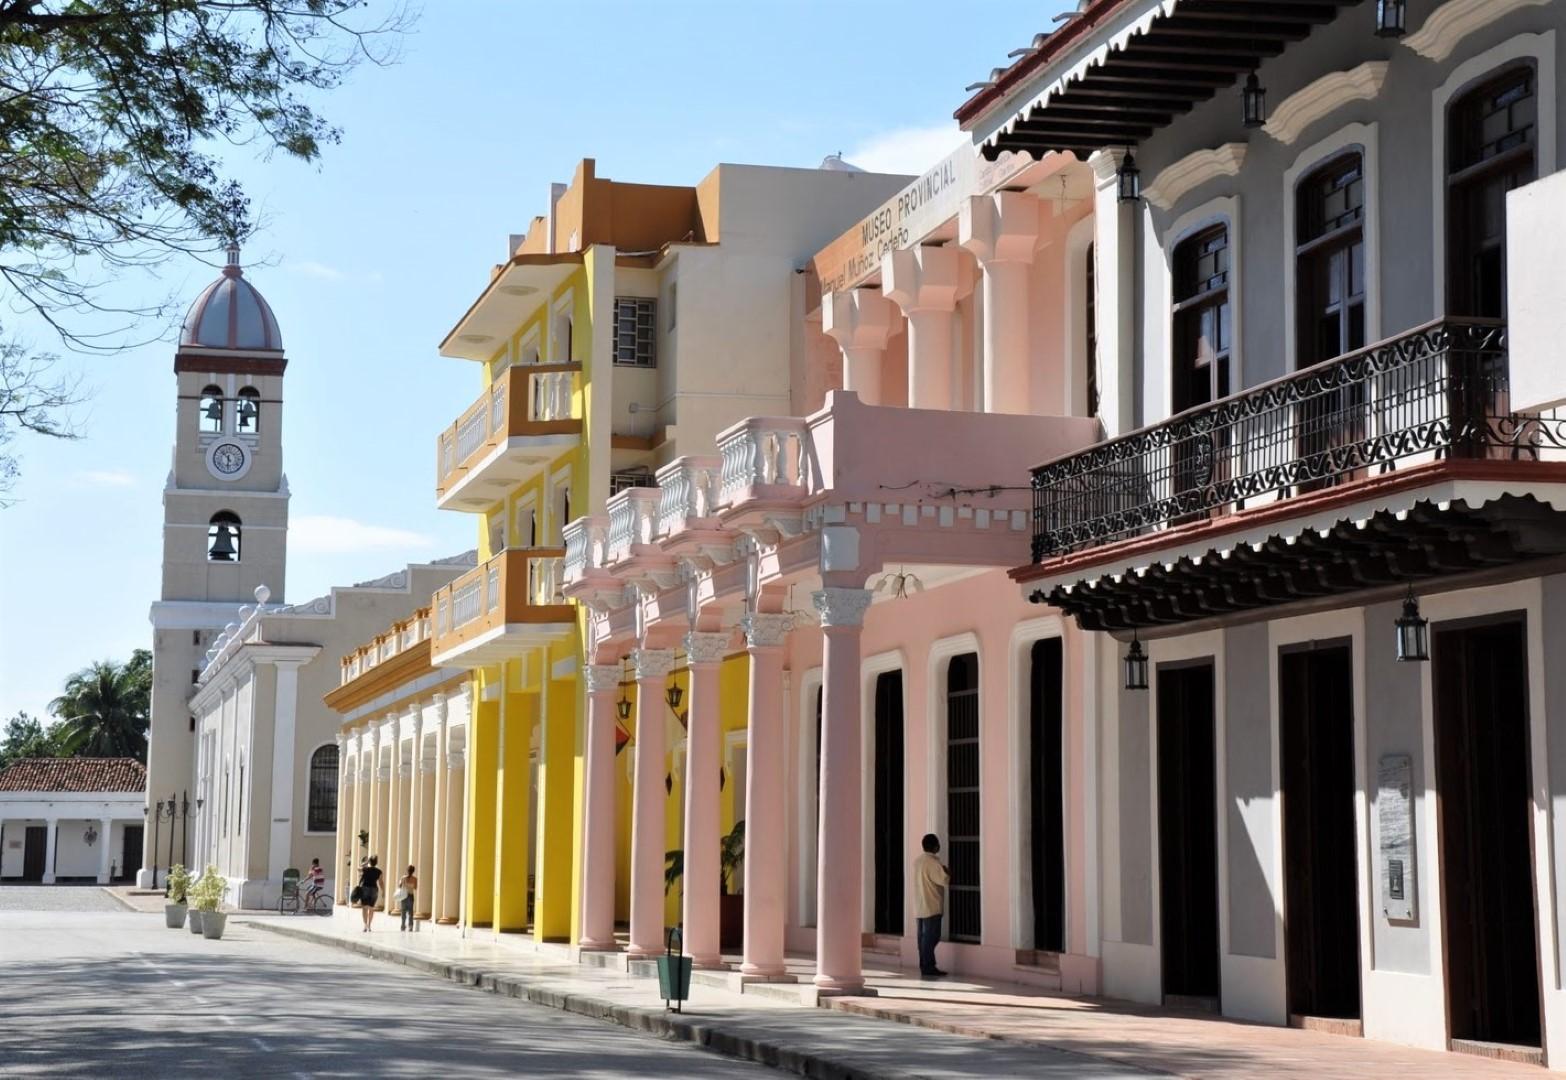 The main street in Bayamo Cuba